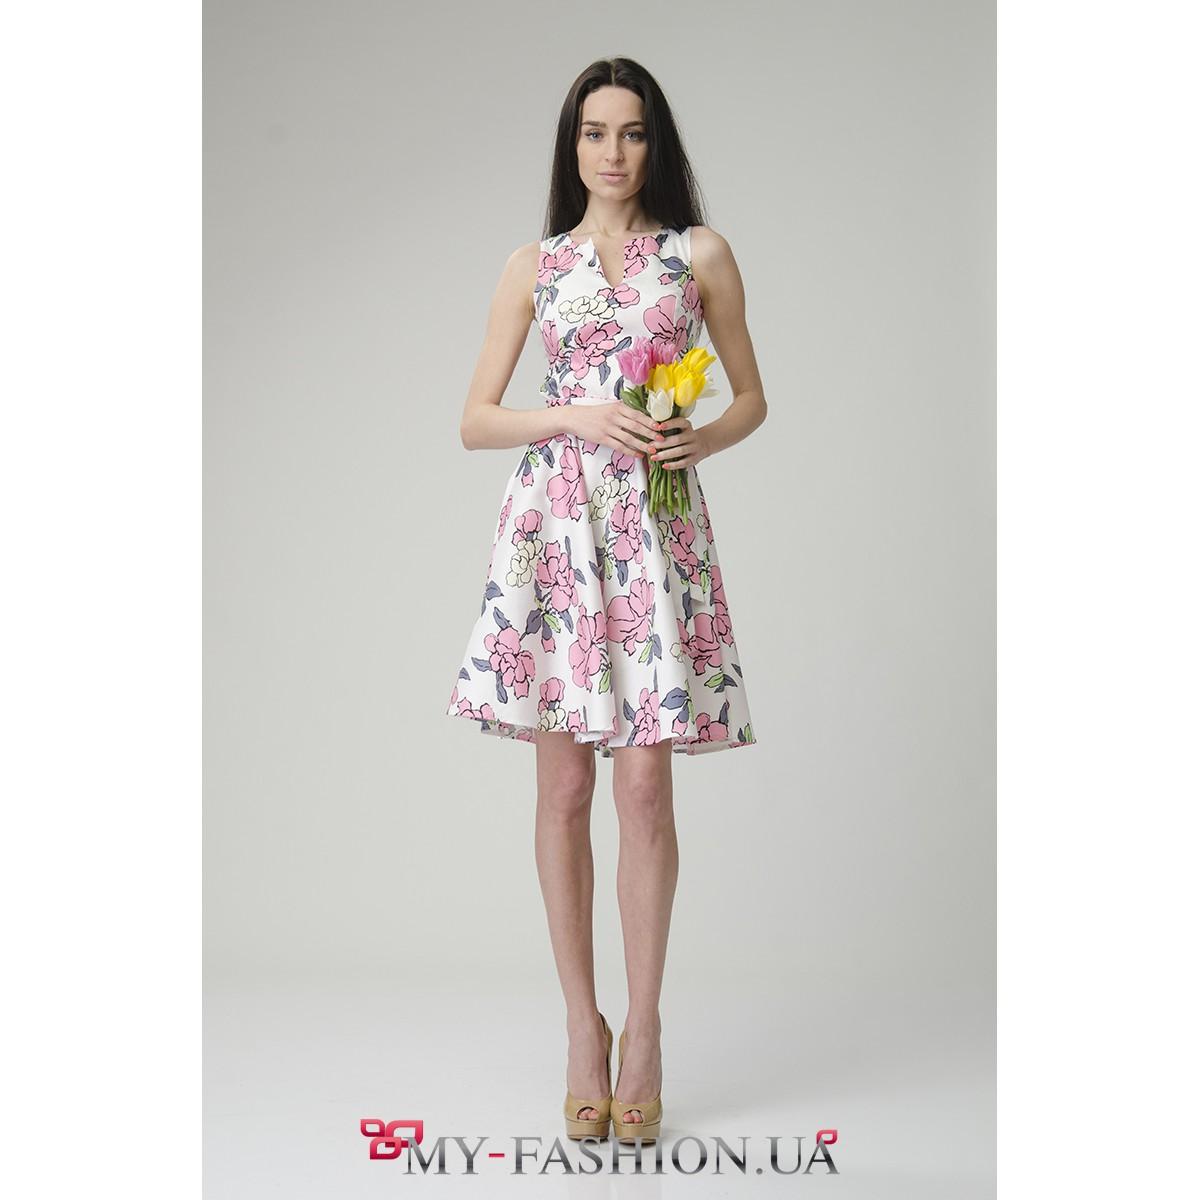 Платье Женские Купить В Интернет Магазине Недорого